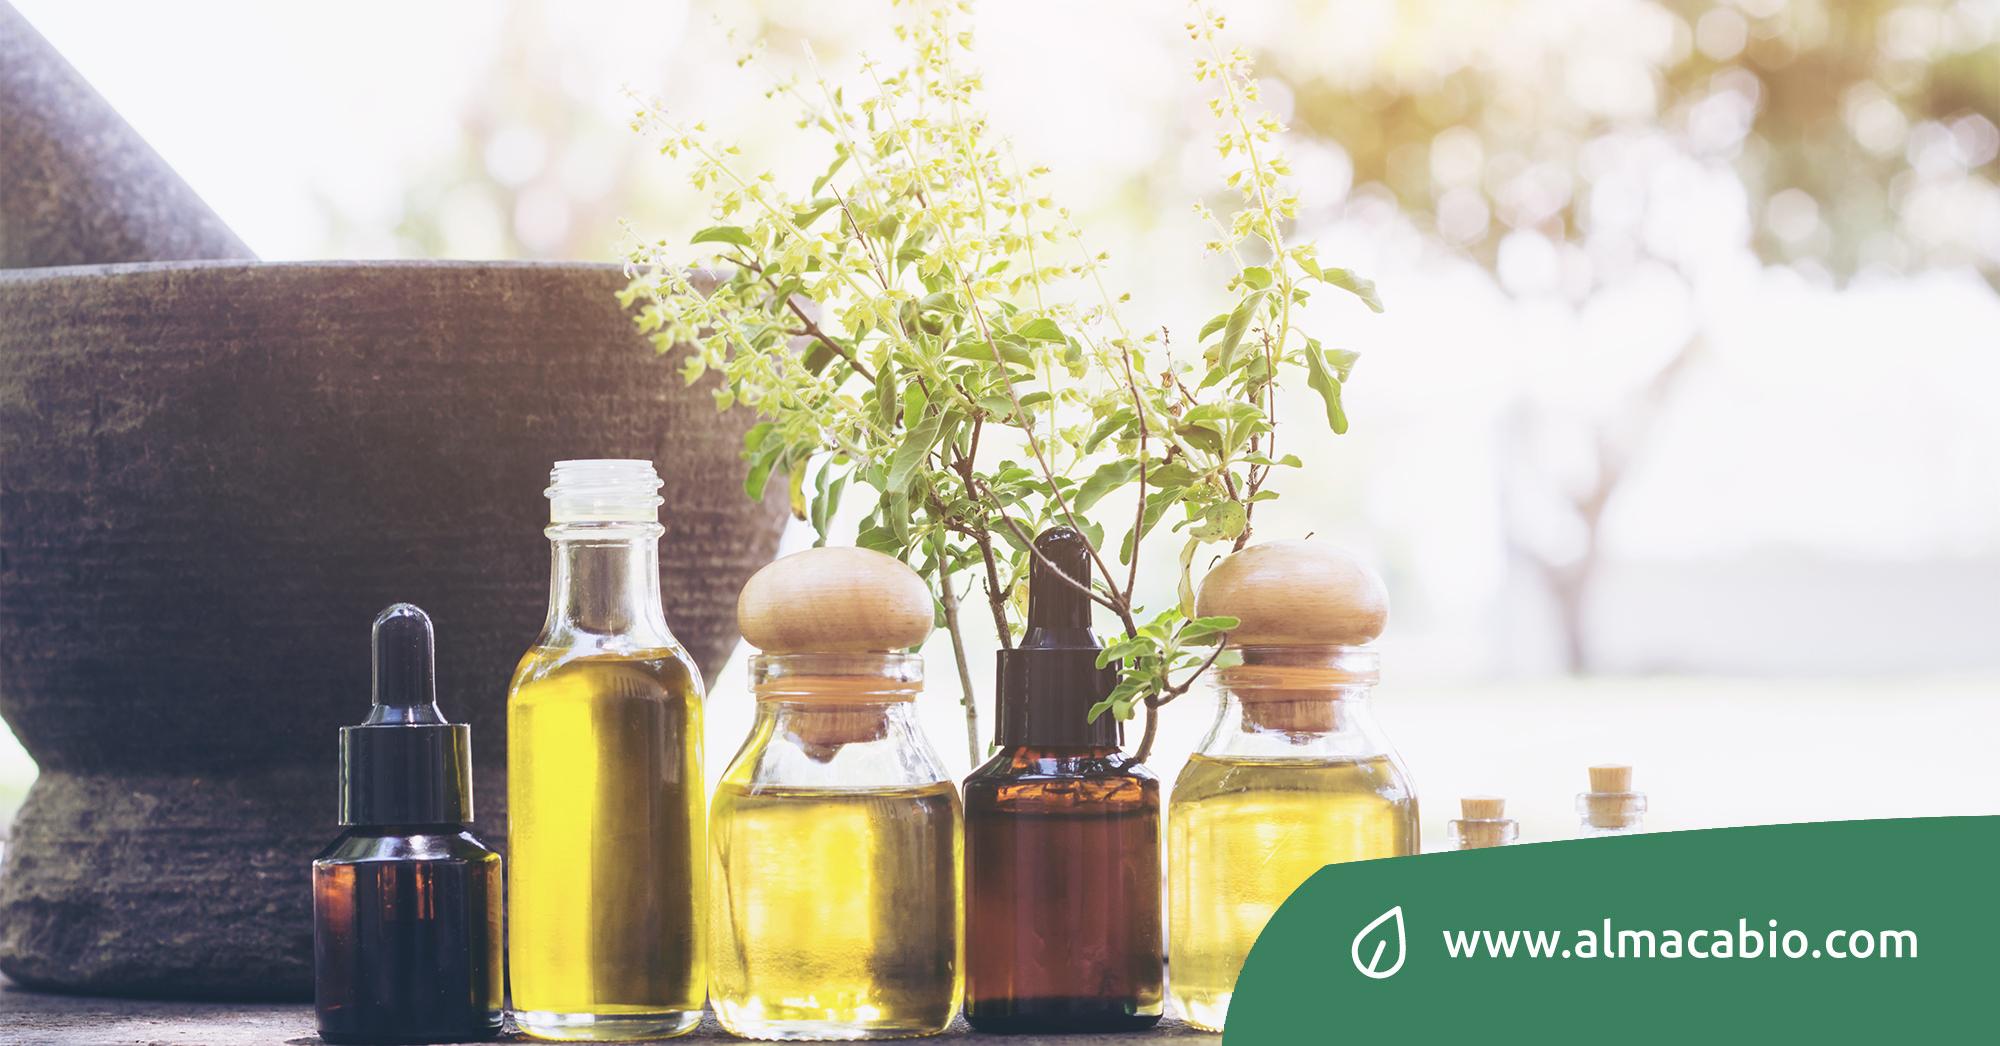 Gli oli essenziali possono essere utilizzati per combattere virus e batteri